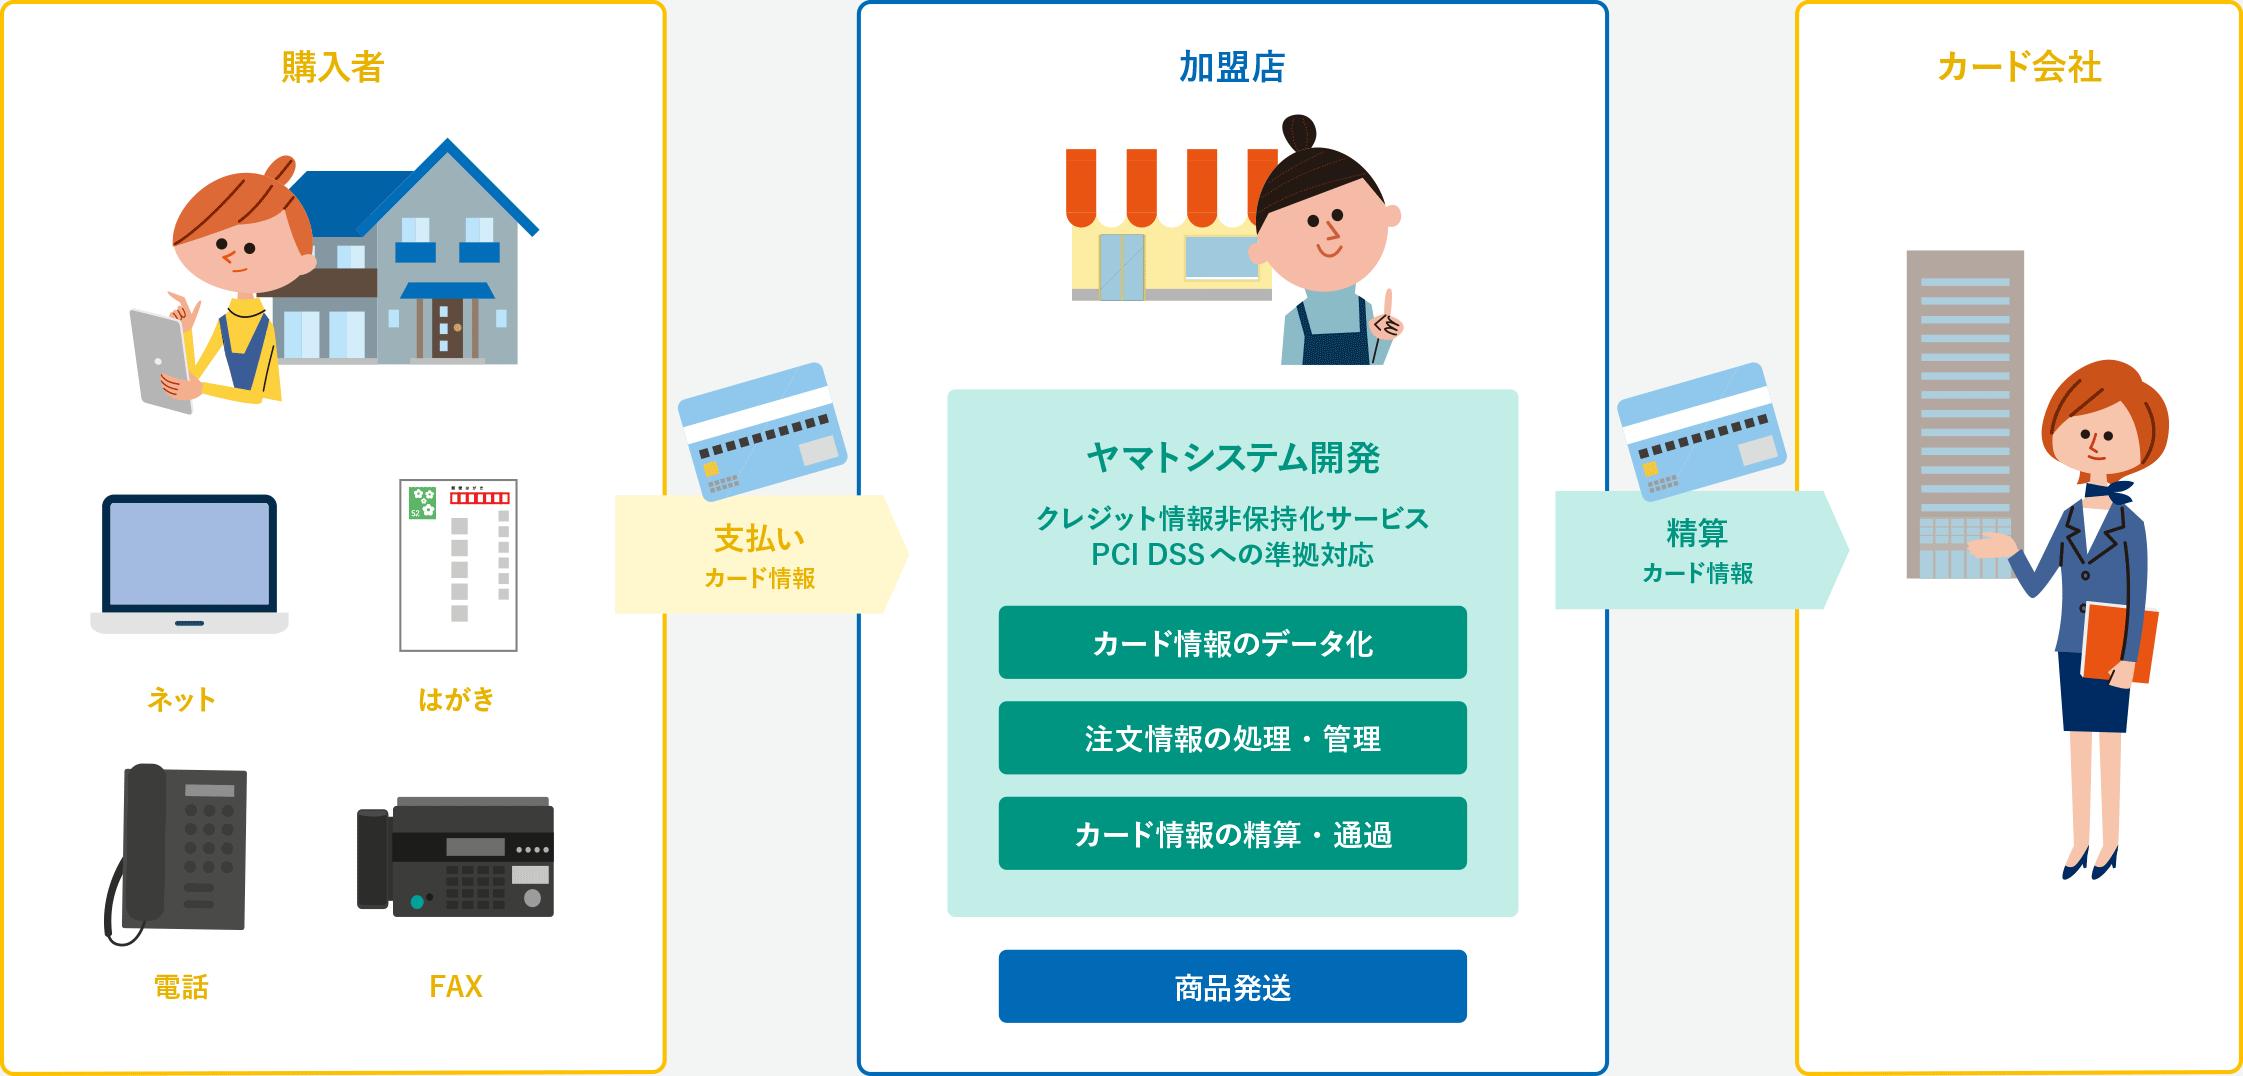 サービス名:クレジットカード情報非保持化サービス